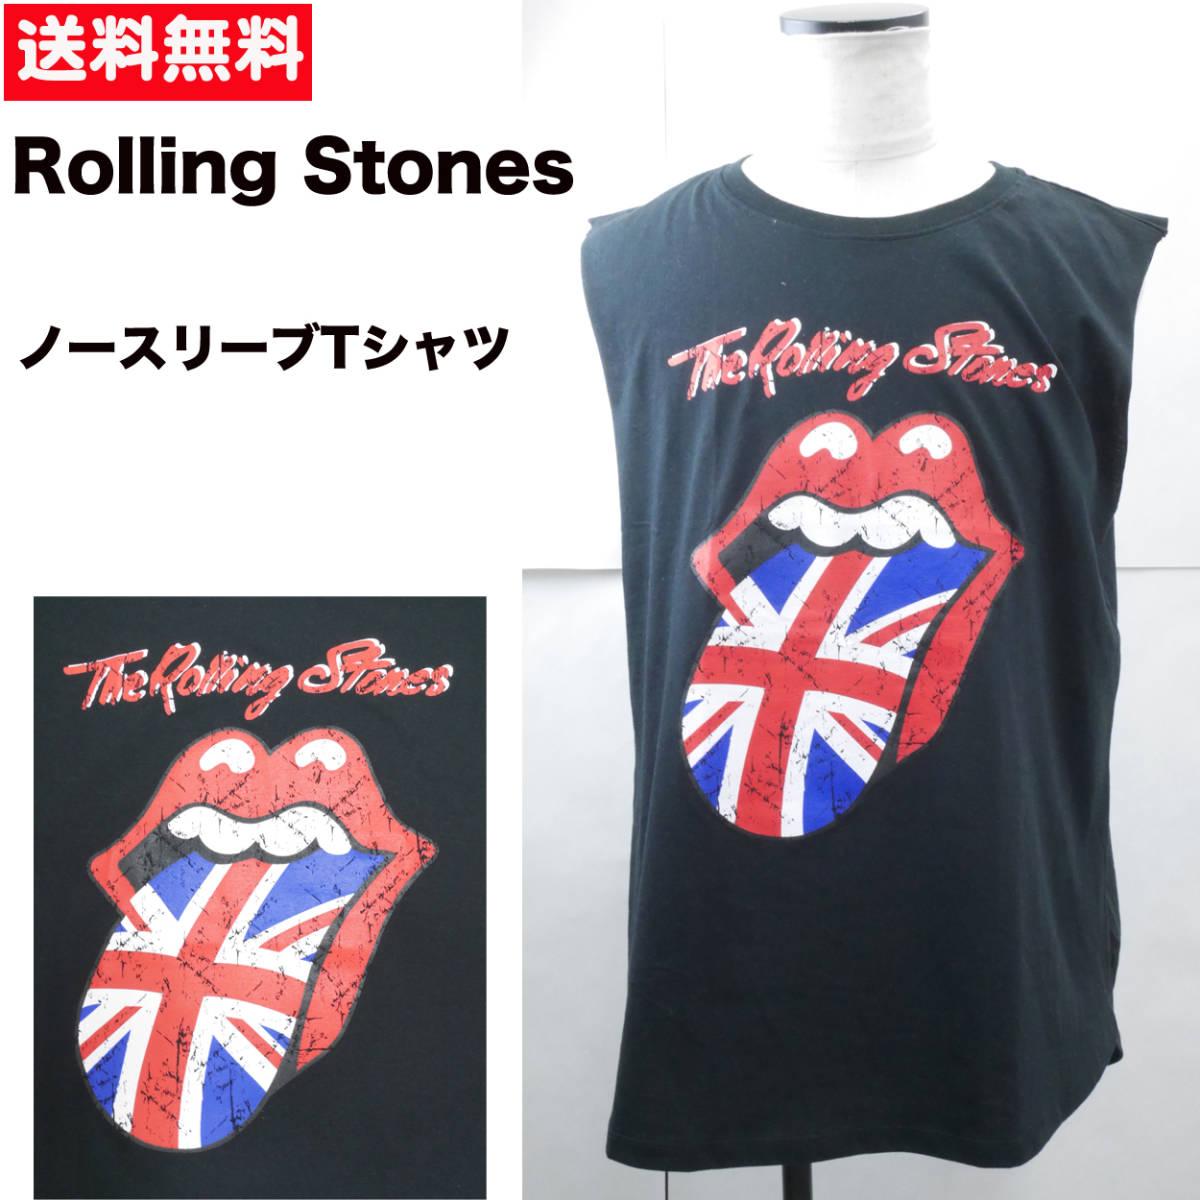 【新品】 バンドTシャツ L ノースリーブ 半袖 ビッグ ワイド ロック ローリングストーンズ The Rolling Stones 7/13_画像1